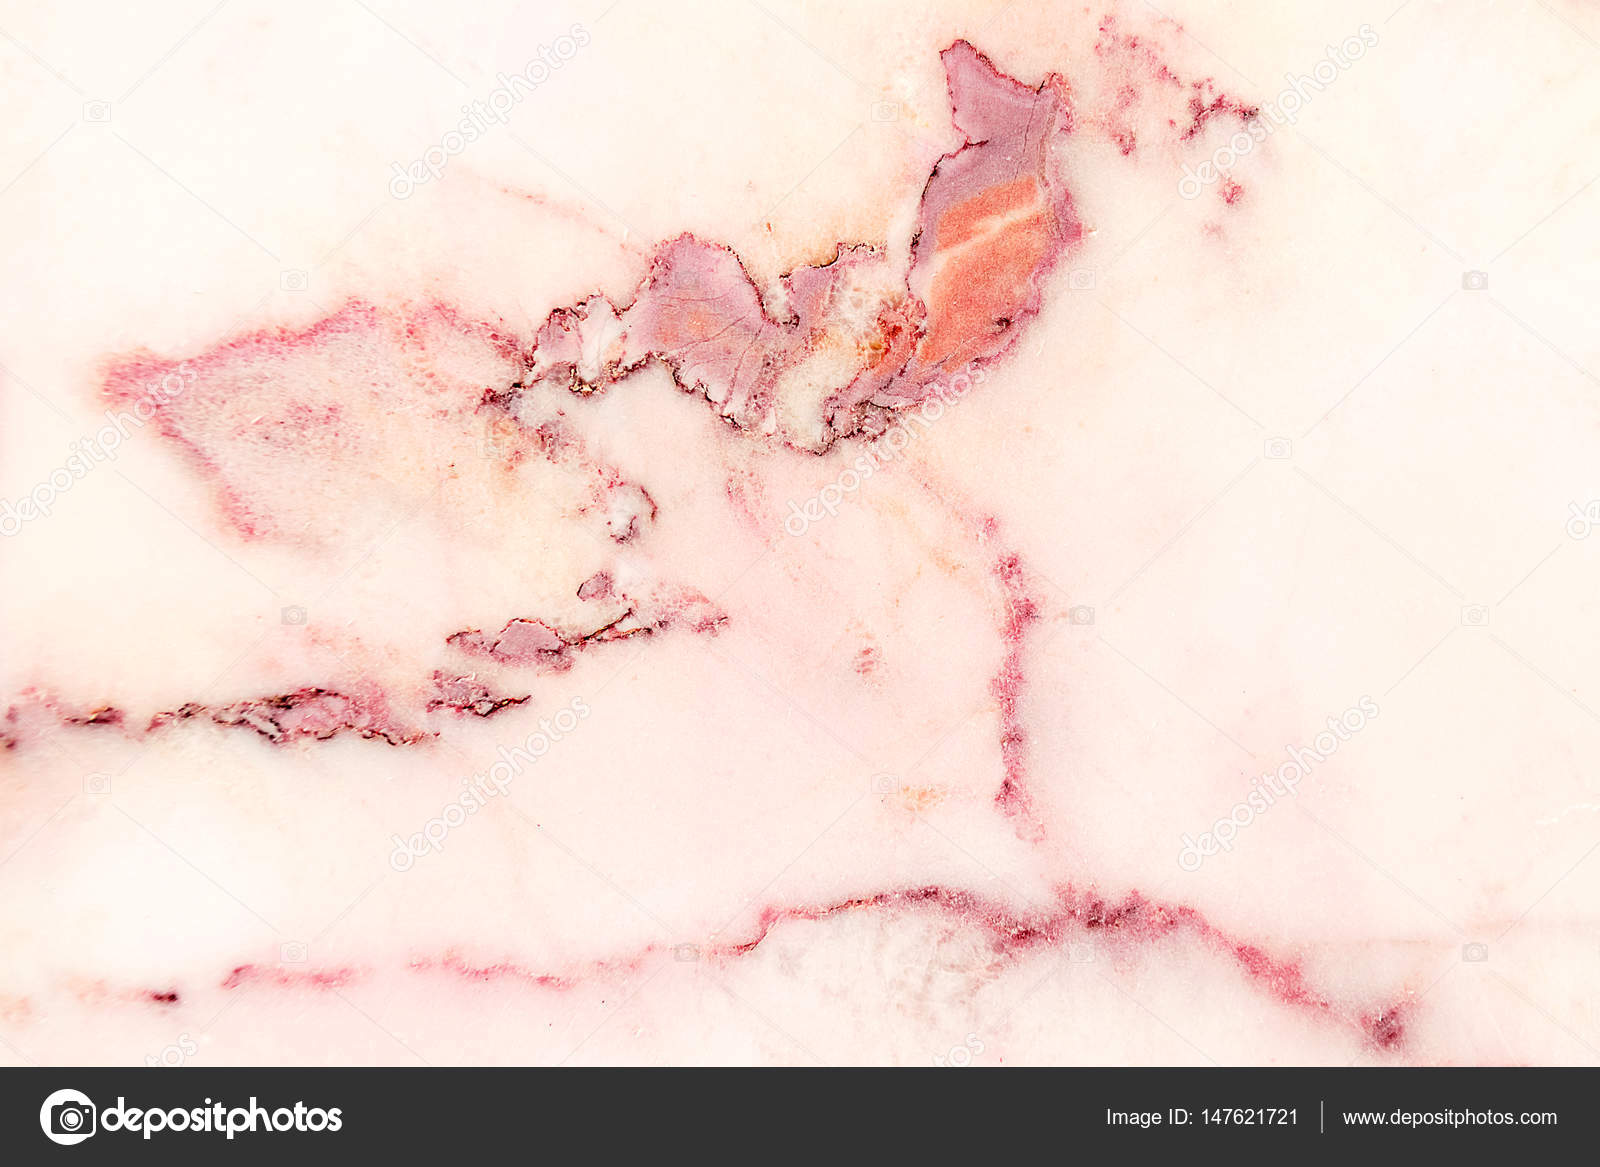 Marmo Rosa Fantasia Texture Sfondo Marmo Dettagliata Genuino Dalla